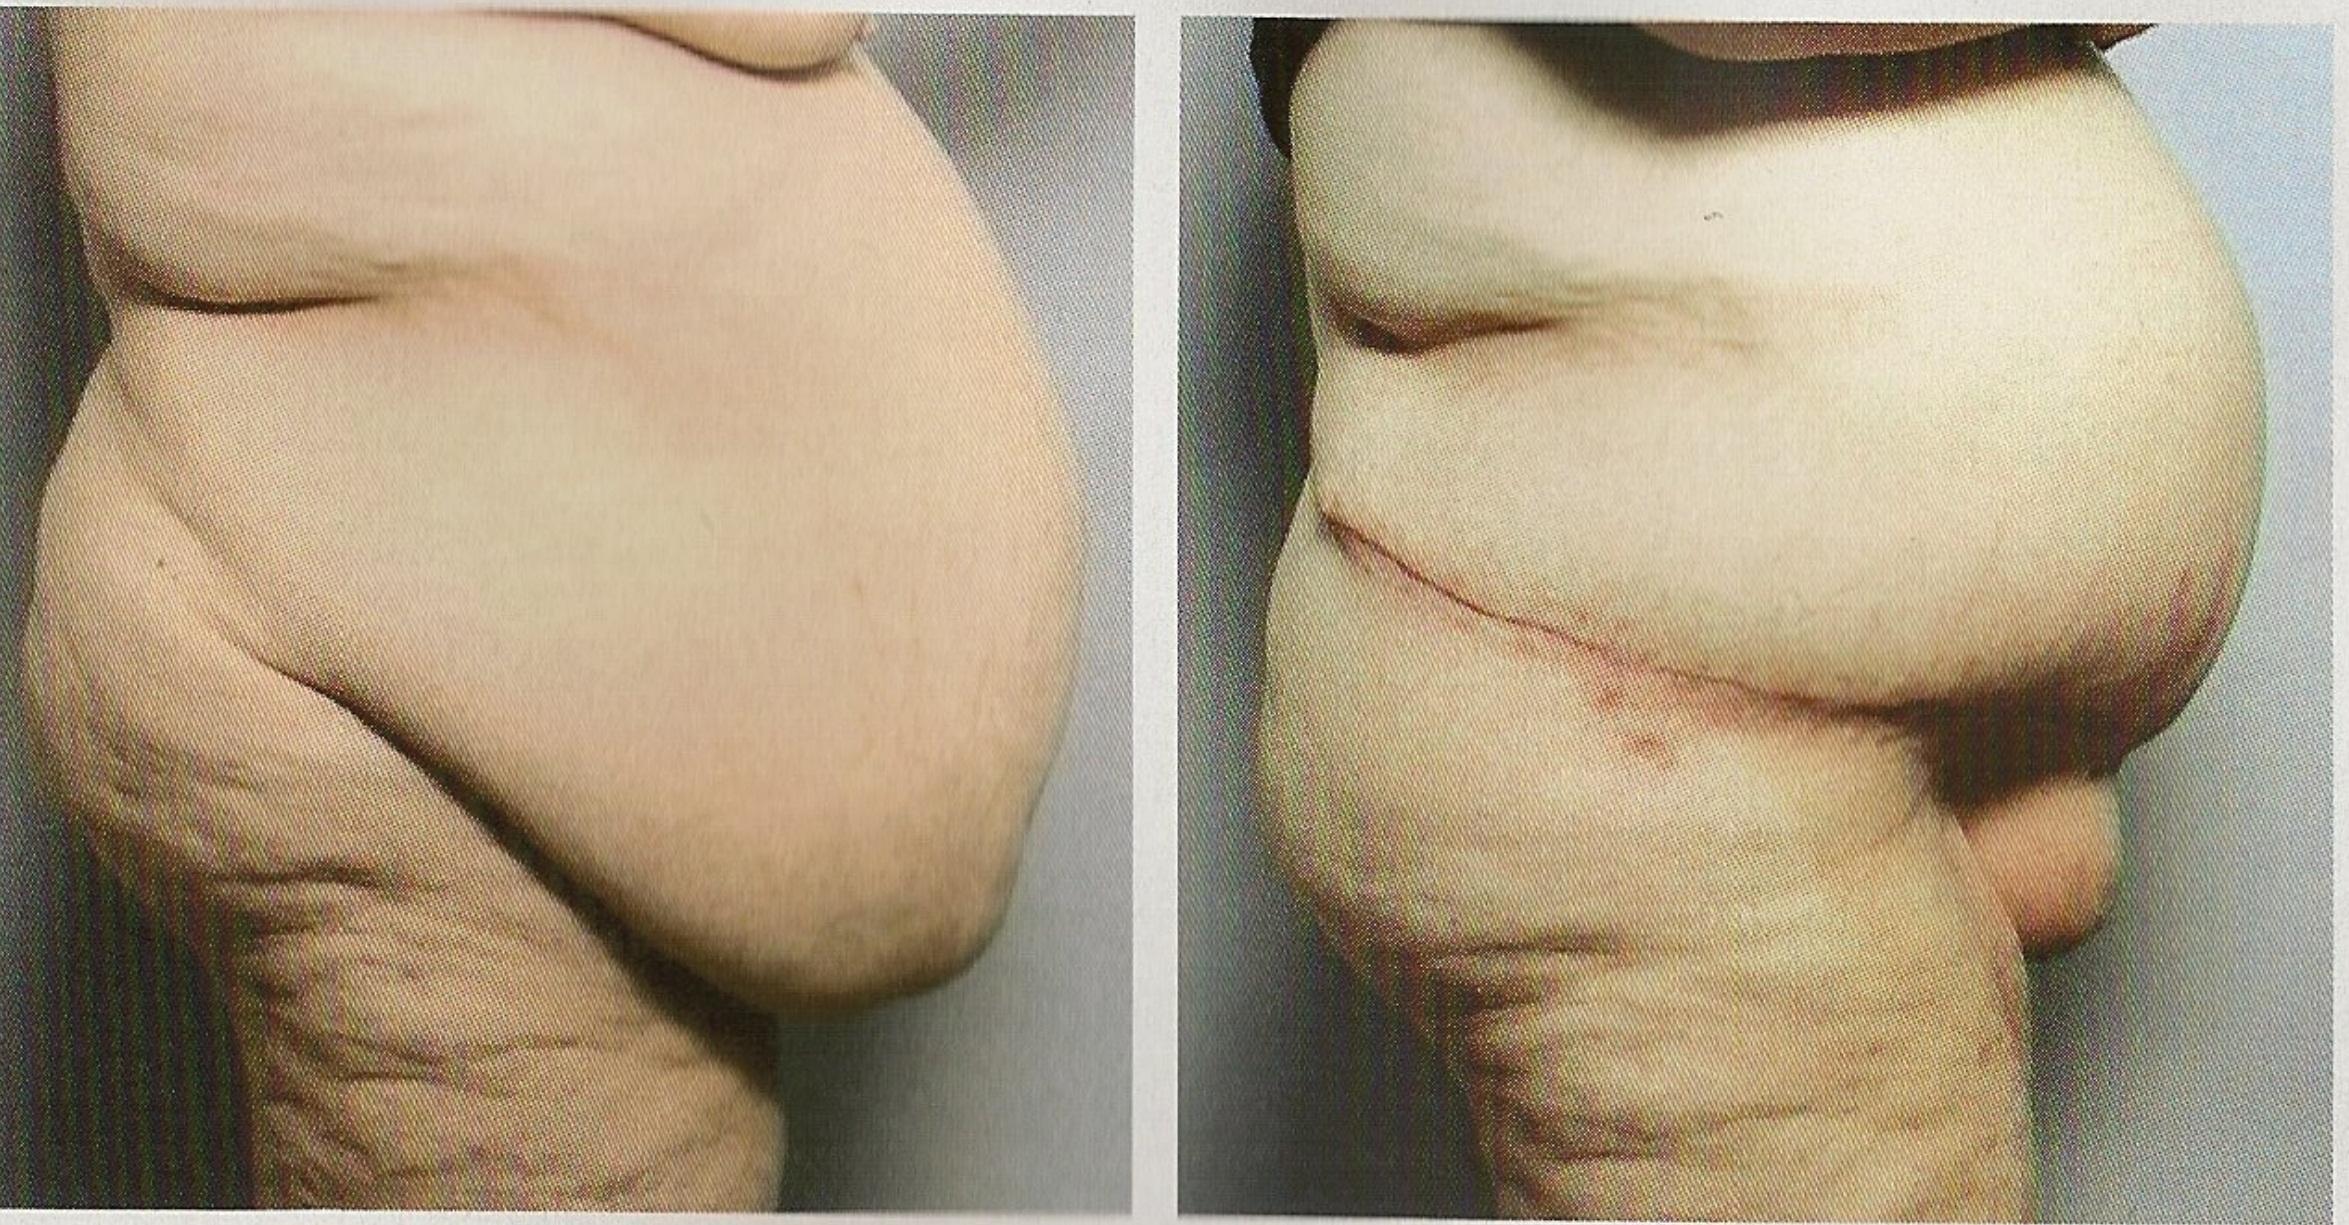 Fat Mons Pubis Surgery